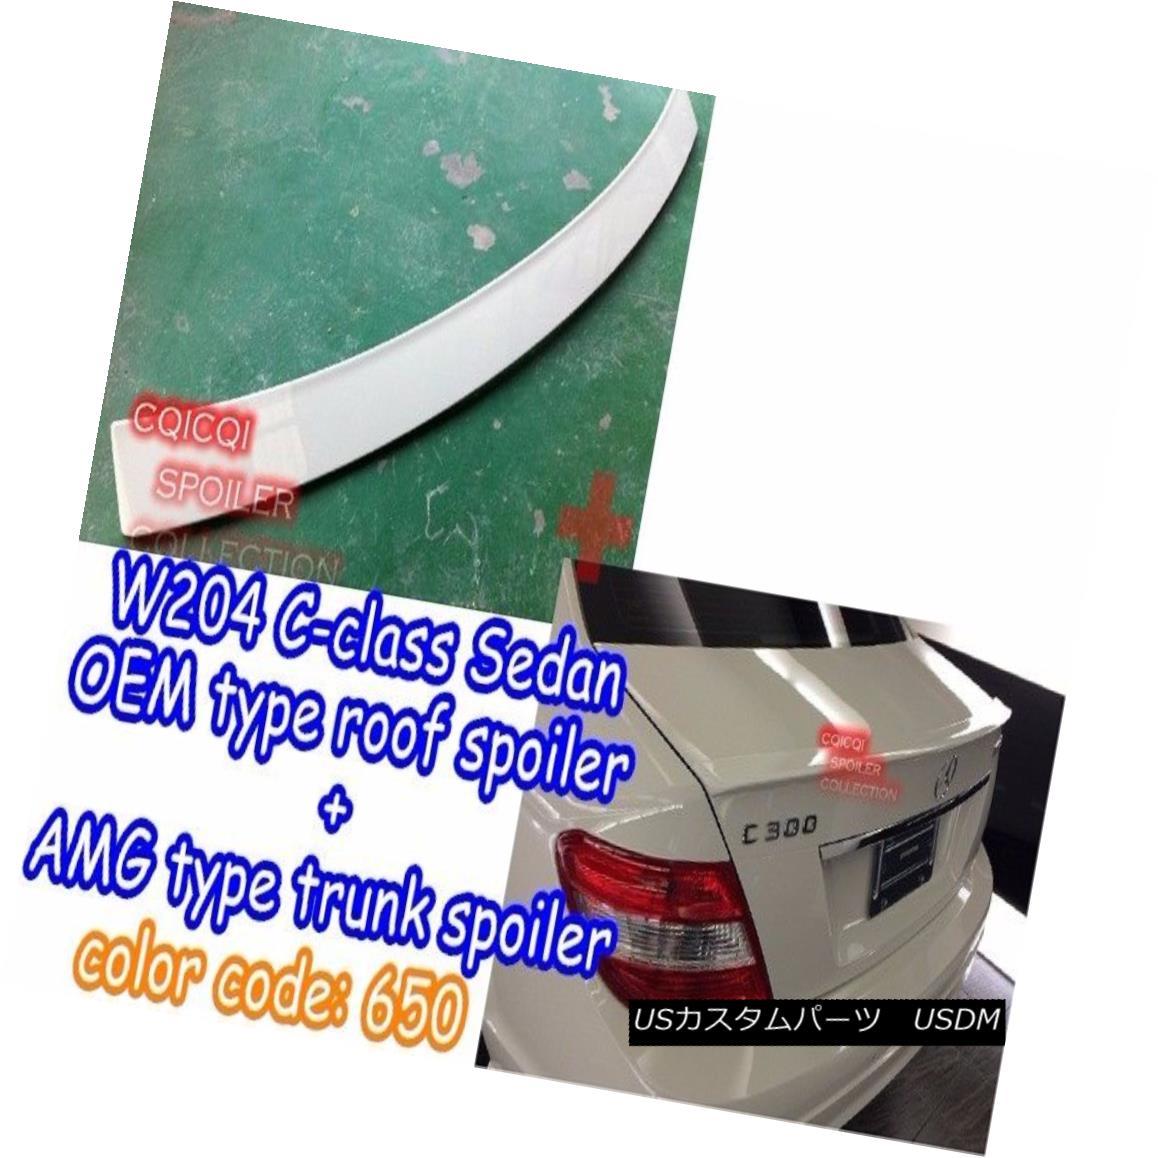 エアロパーツ Painted BENZ W204 Sedan OEM roof spoiler + AMG type trunk spoiler color-650 ◎ 塗装ベンツW204セダンOEMルーフスポイラー+ AMGタイプのトランクスポイラーカラー650?